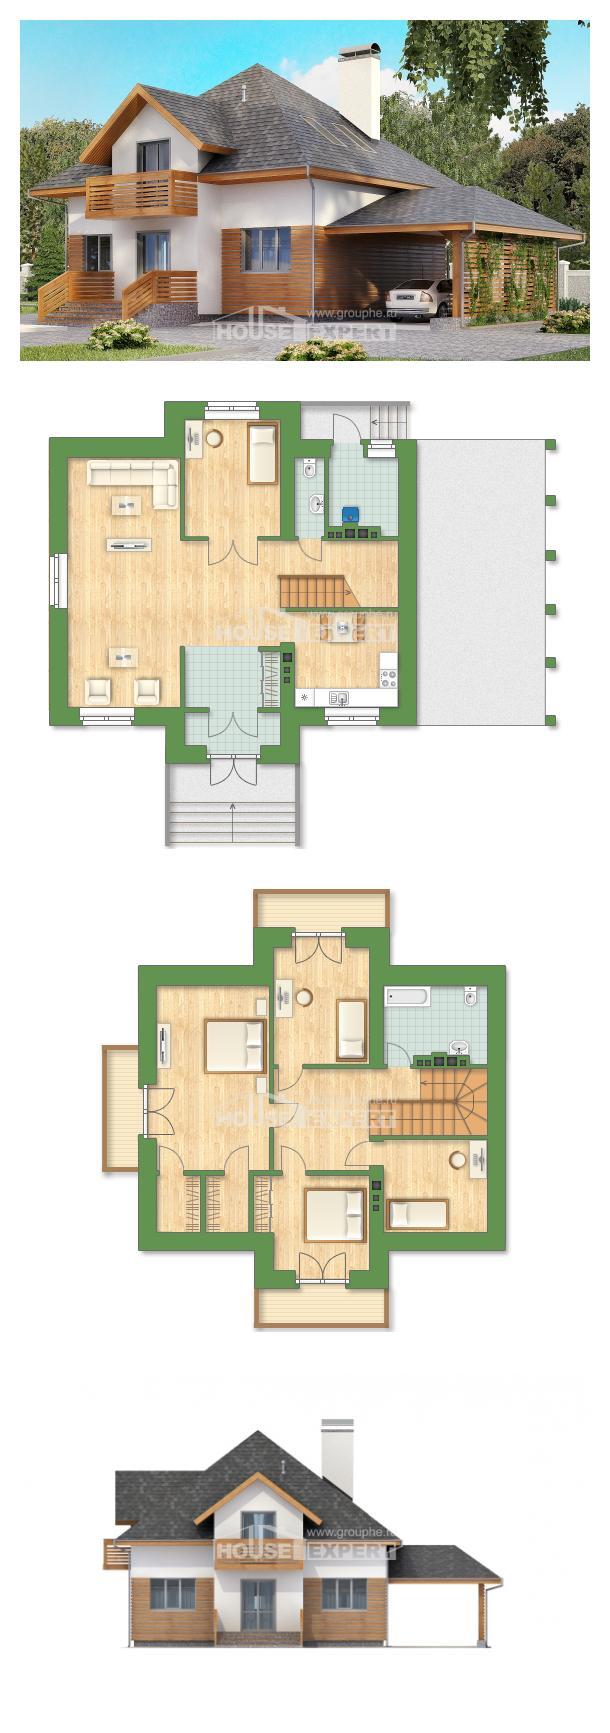 Проект дома 155-004-П | House Expert